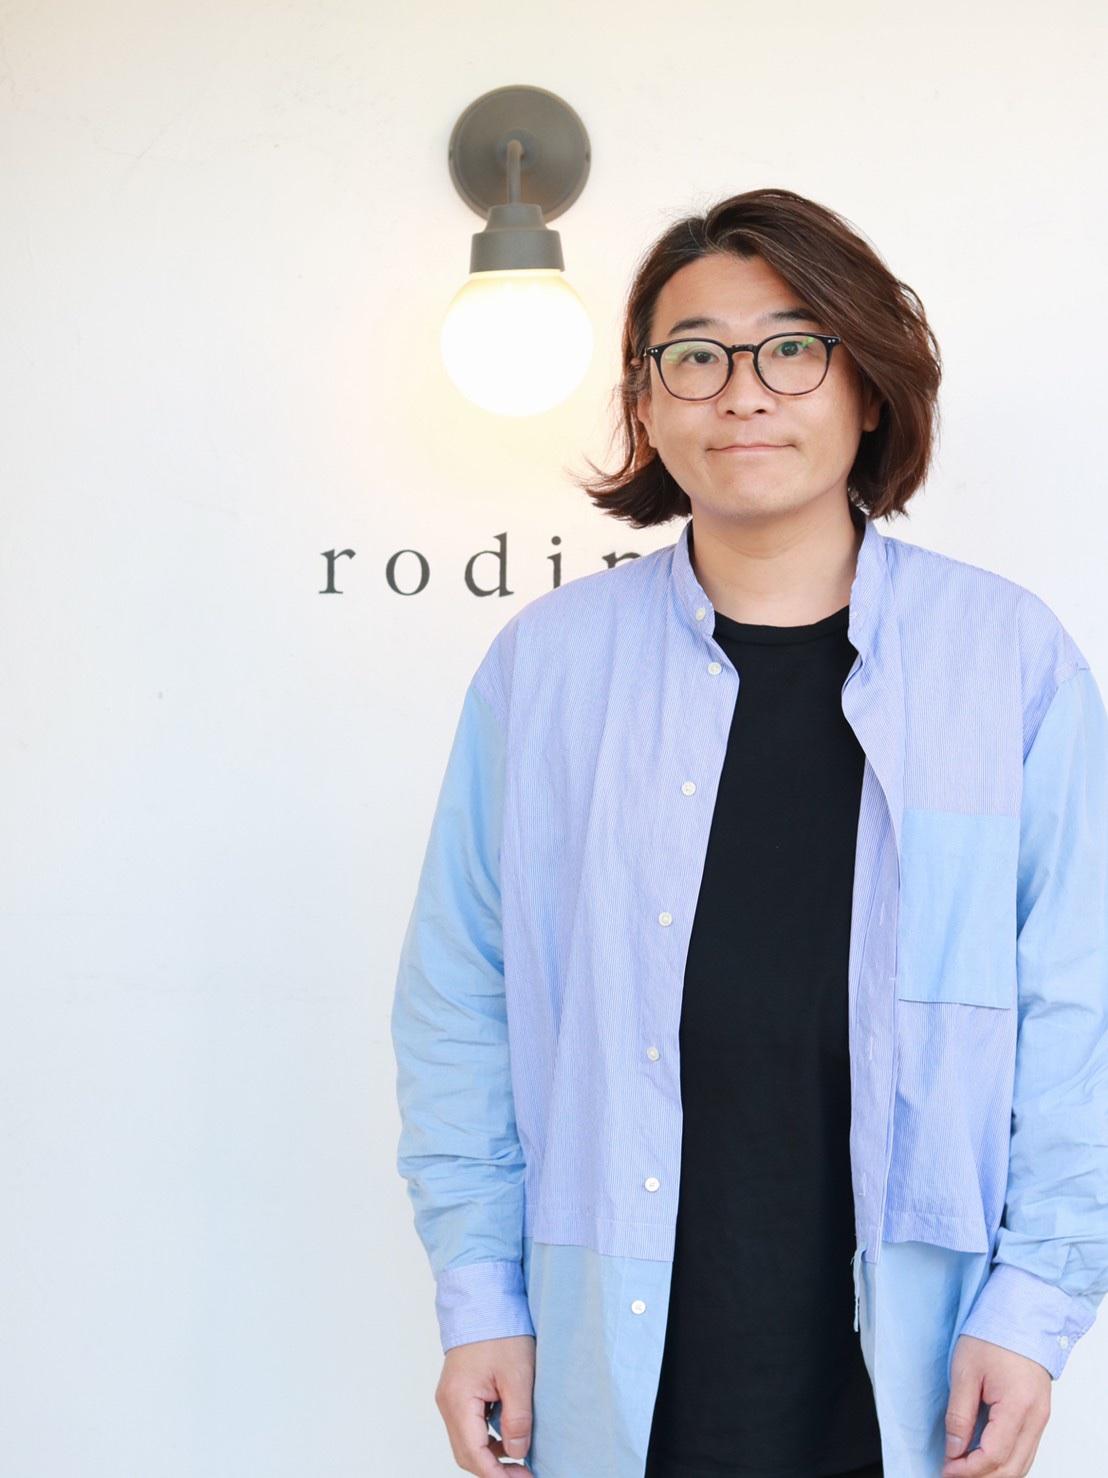 ロディーナマネージャー、用ロディーナコク店長、訪問美容you-me部長、松尾 帝範プロフィール画像